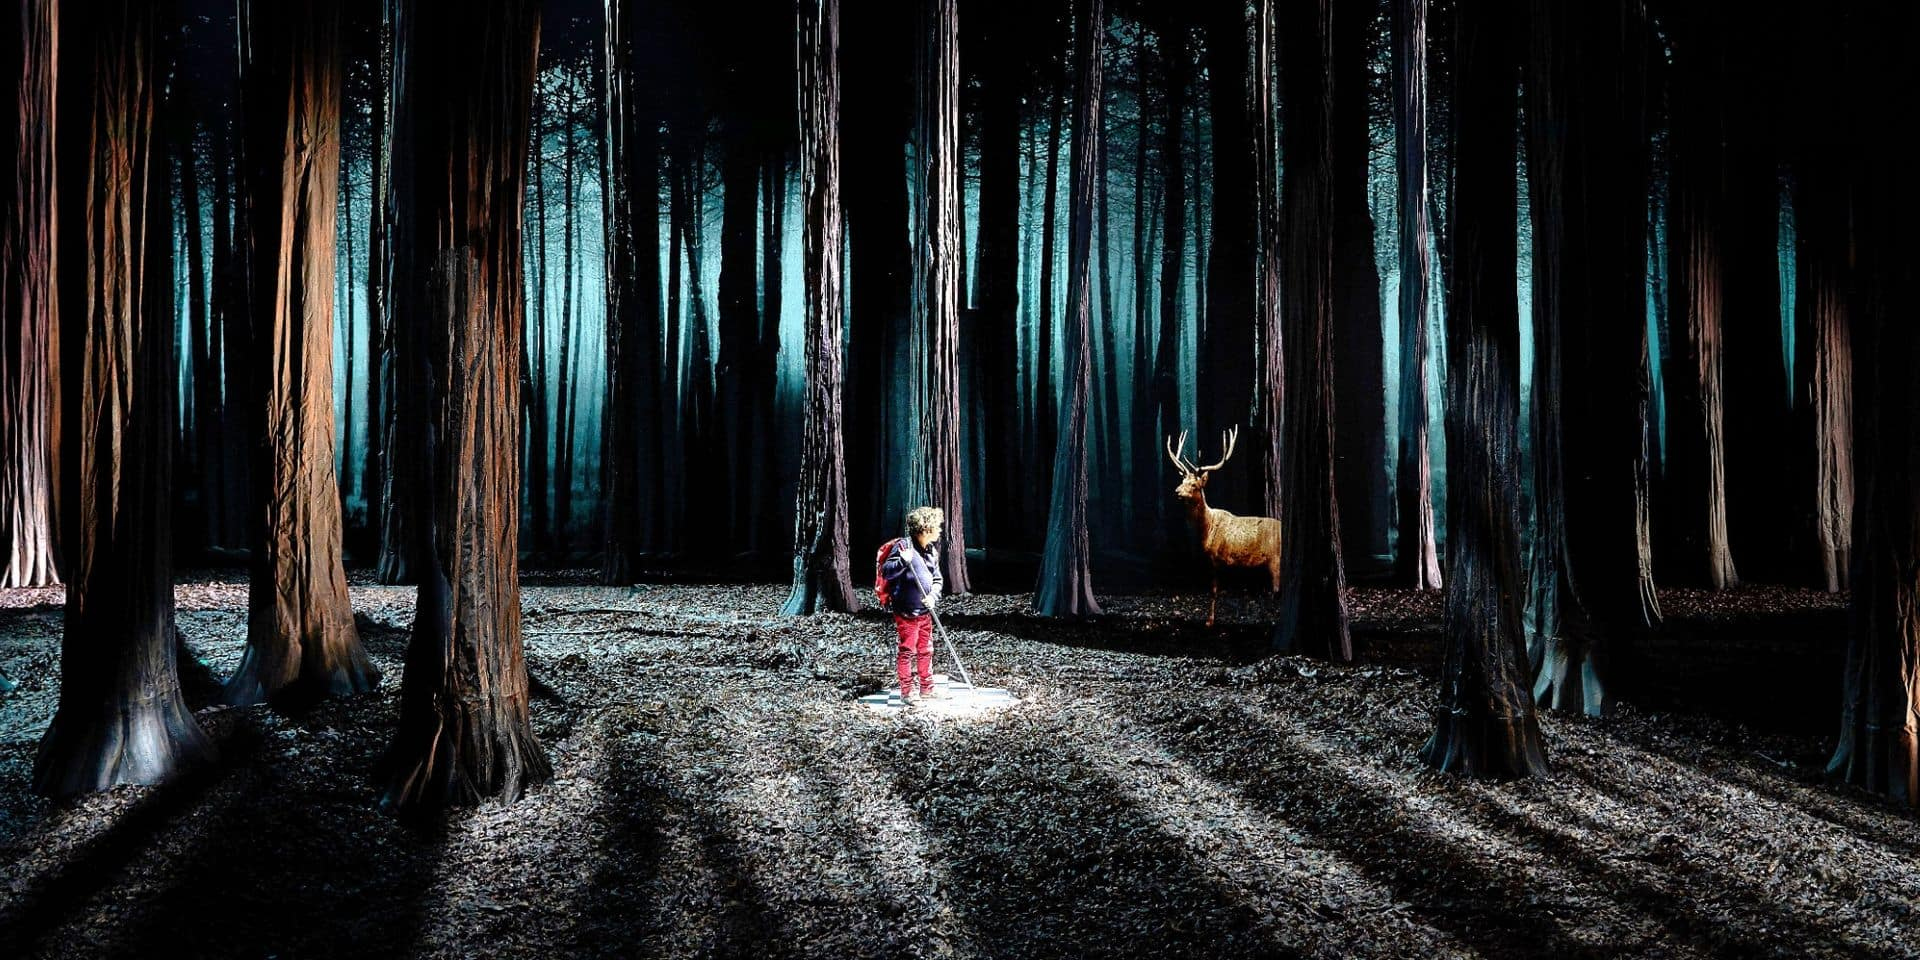 """L'univers fascinant d'Étienne Saglio: """"La forêt nous réconcilie avec nous-mêmes"""""""